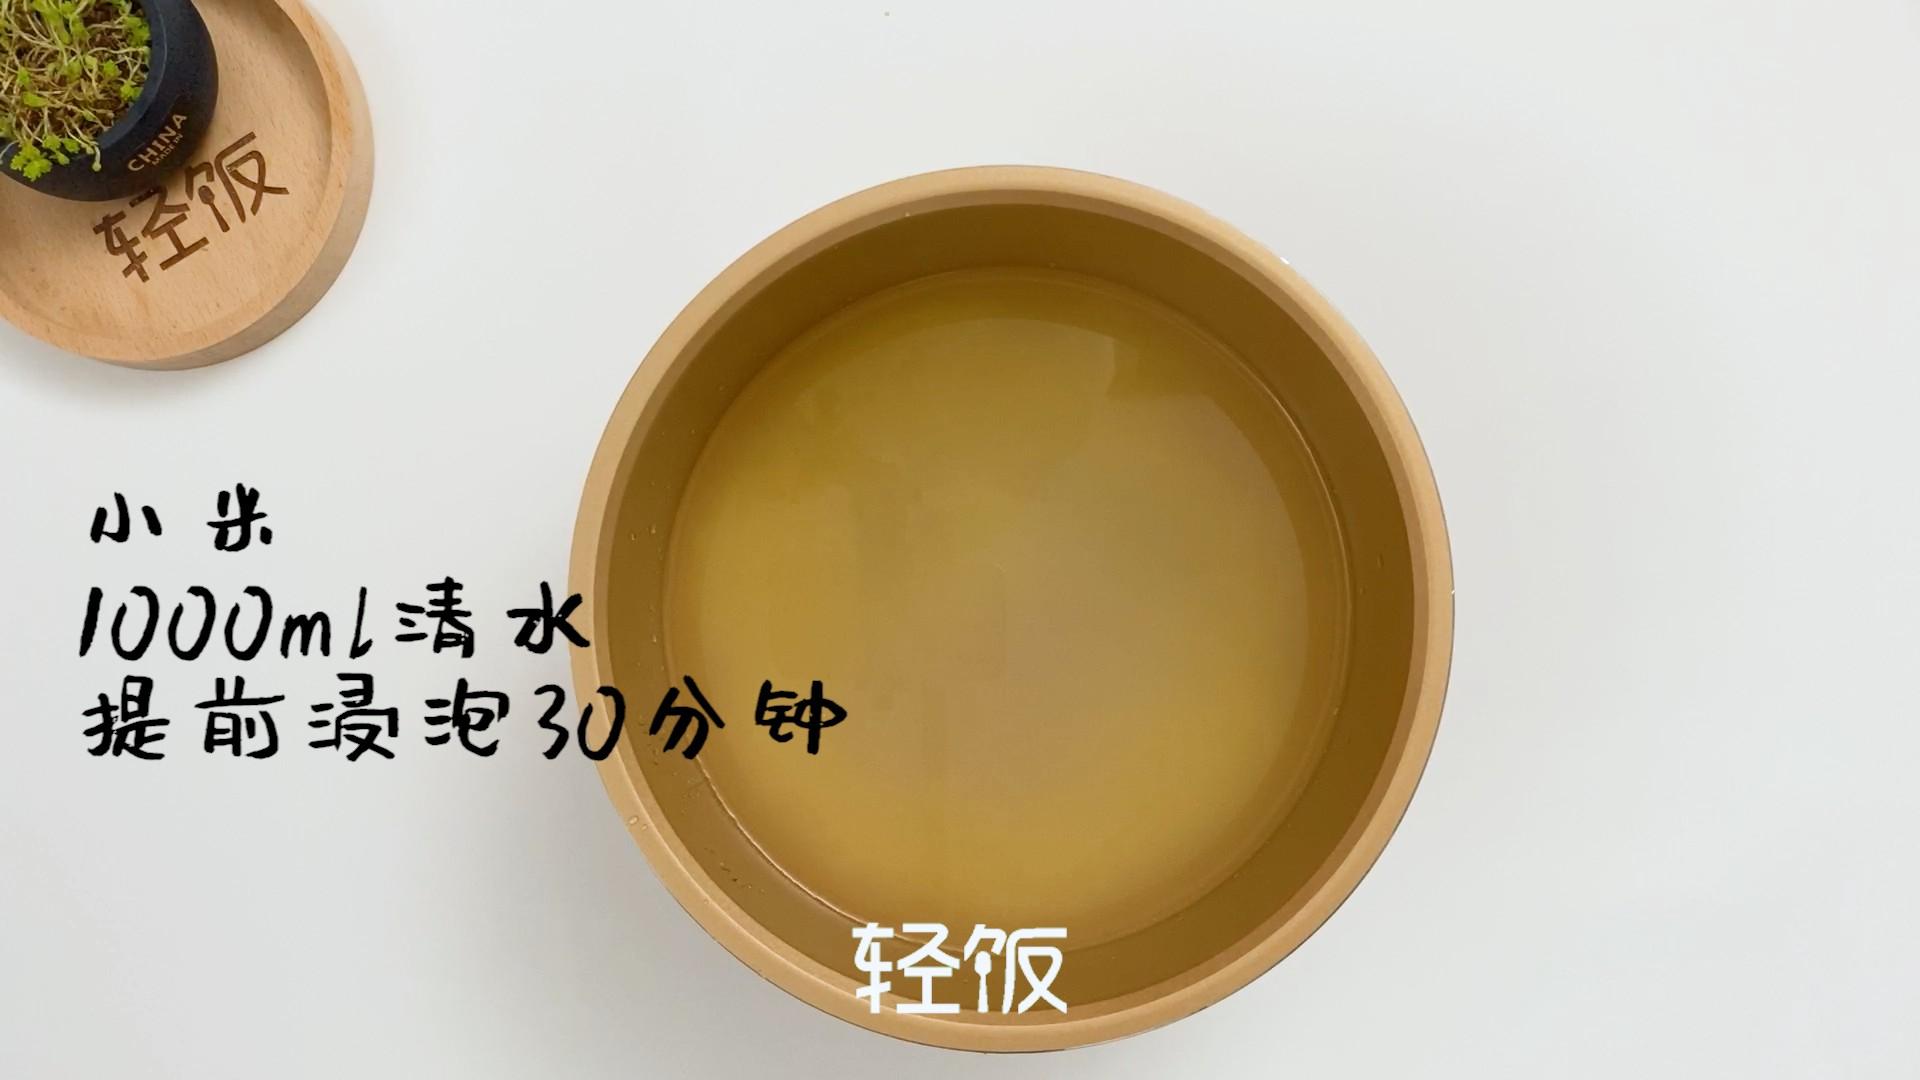 南瓜粥小米粥丨轻松搞定,好喝还养胃!的做法图解